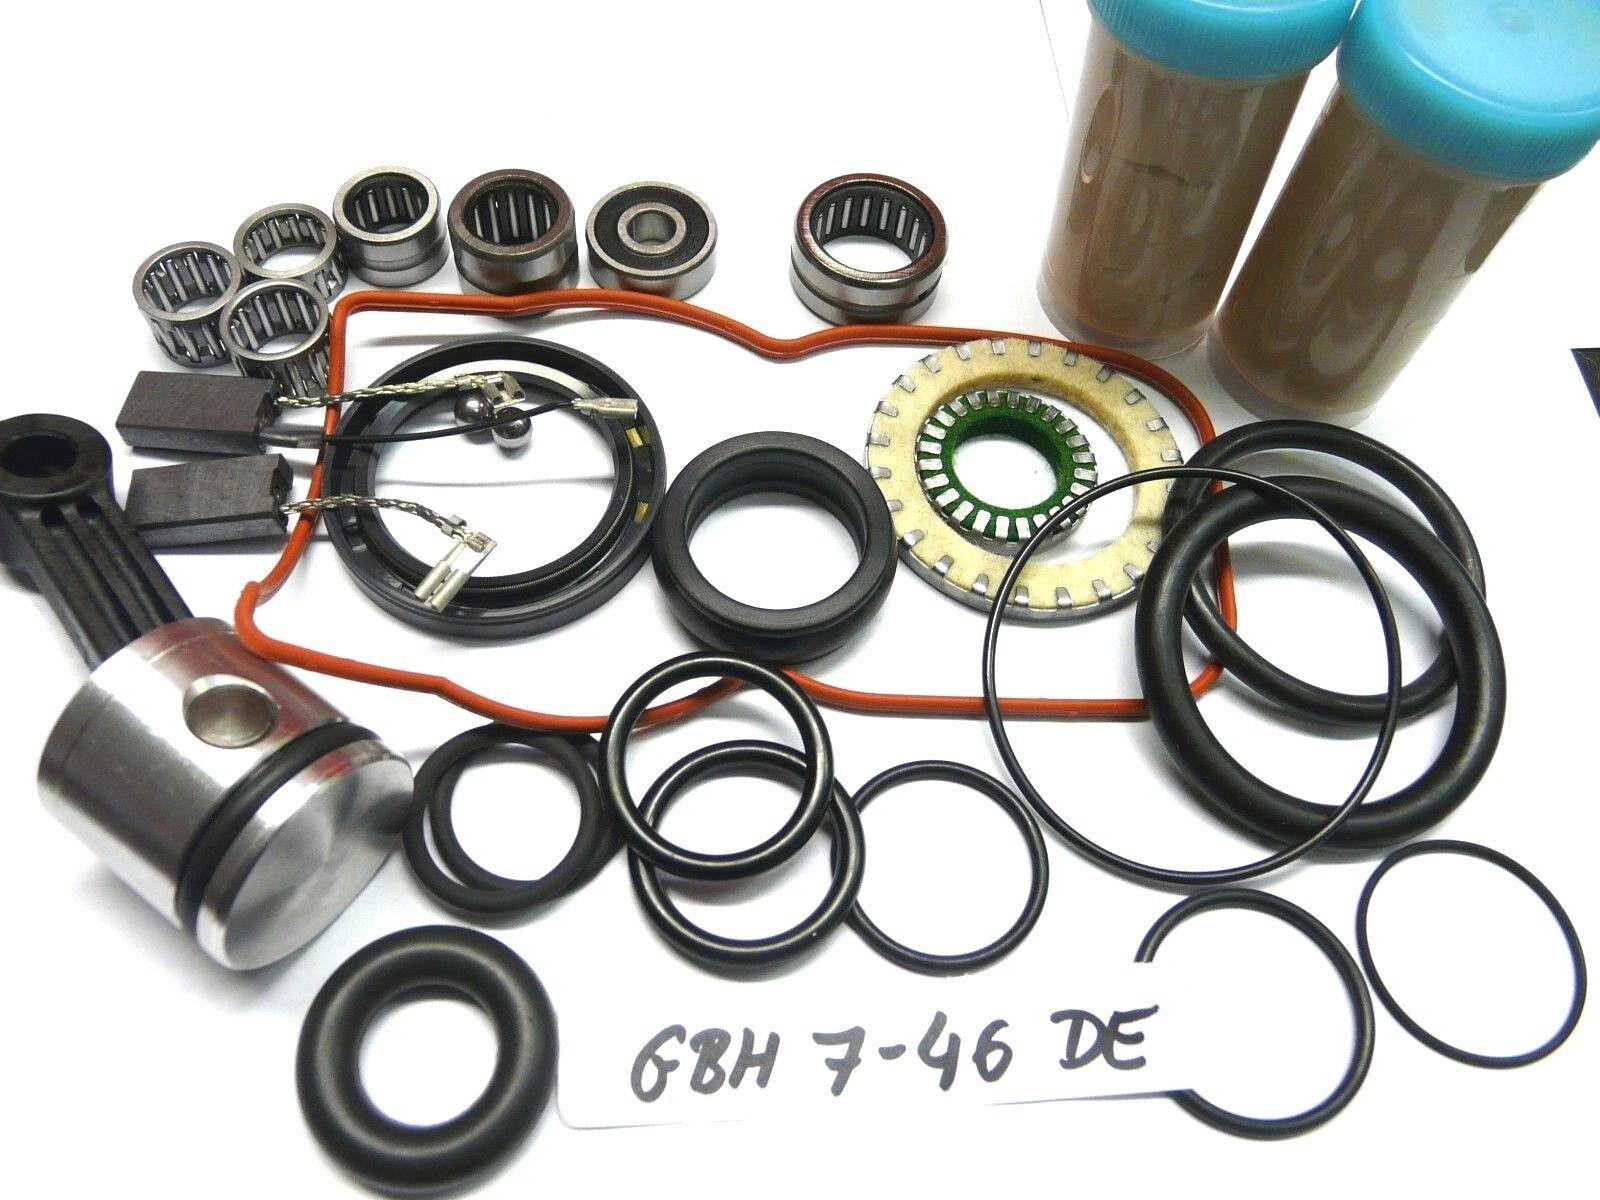 Bosch GBH 7-46 DE , Reparatursatz, Verschleissteilesatz + Hammerkolben